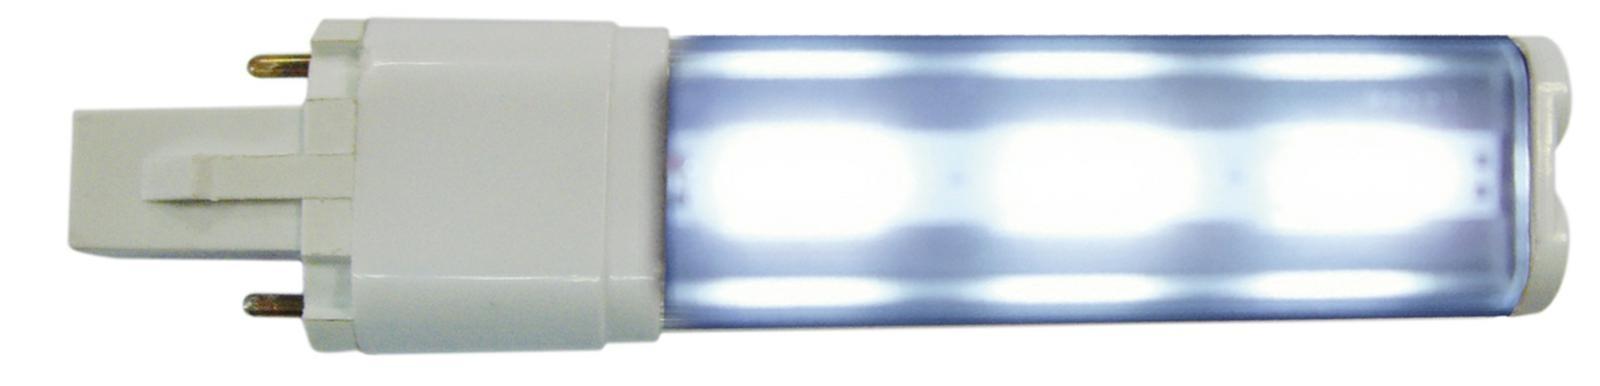 Plafoniere Led Per Acquari : Plafoniere a led di potenza per acqua dolce